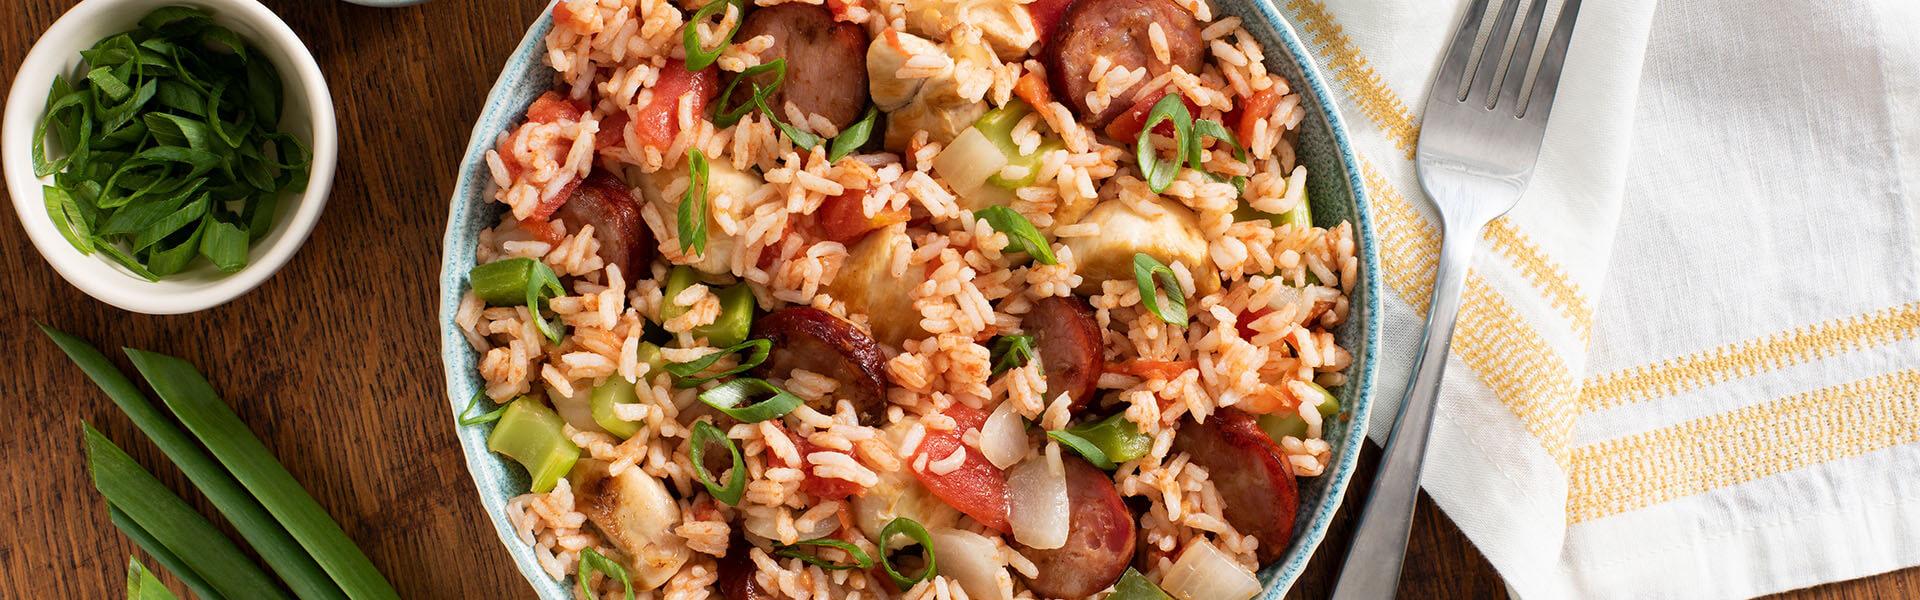 Rice Cooker Spicy Cajun Jambalaya